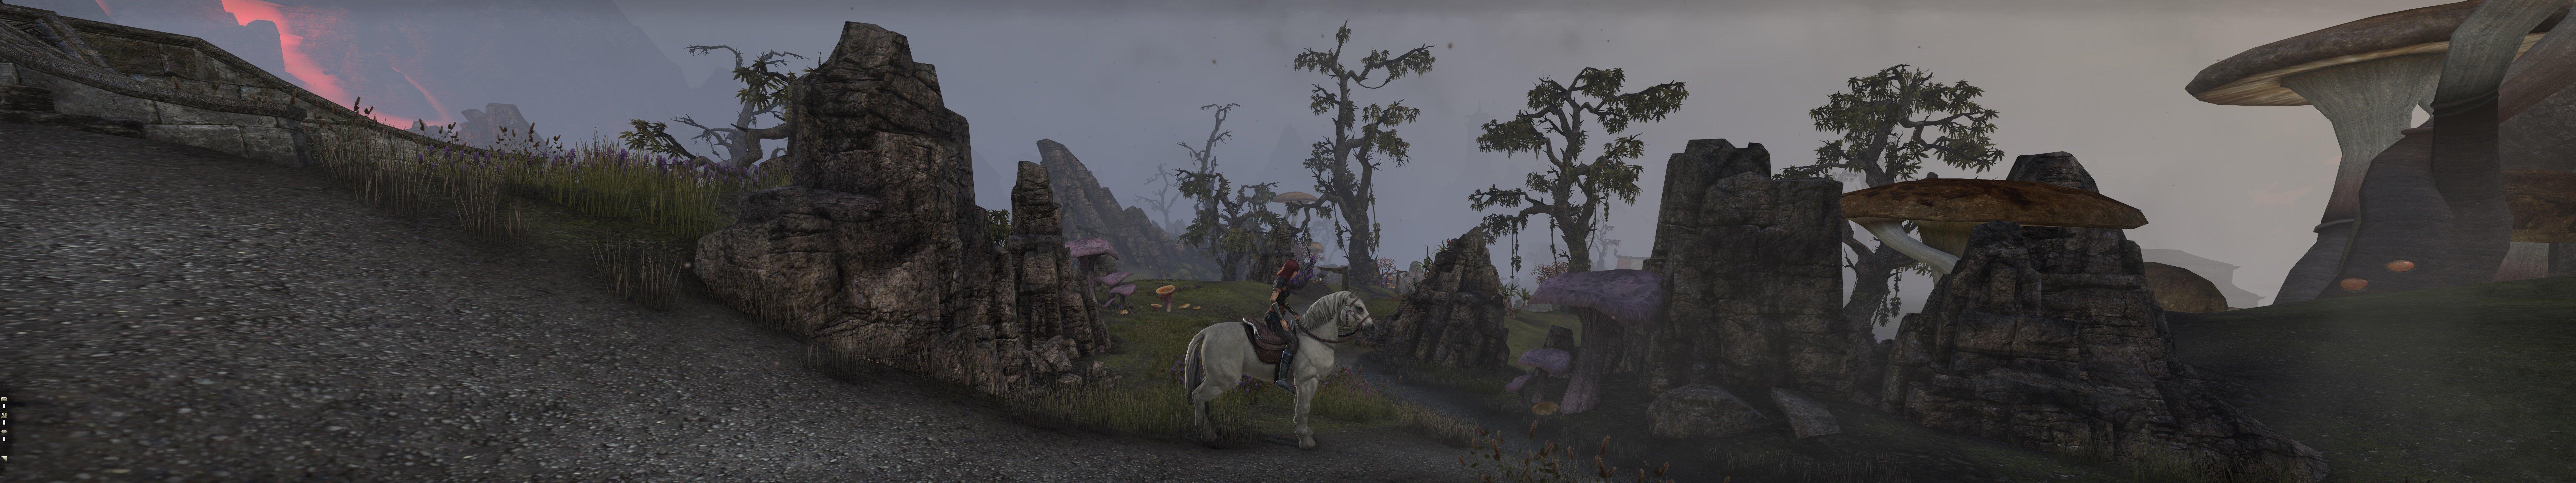 Пачка скриншотов из The Elder Scrolls Online на максимальных настройках в разрешении 7680x1440 - Изображение 11